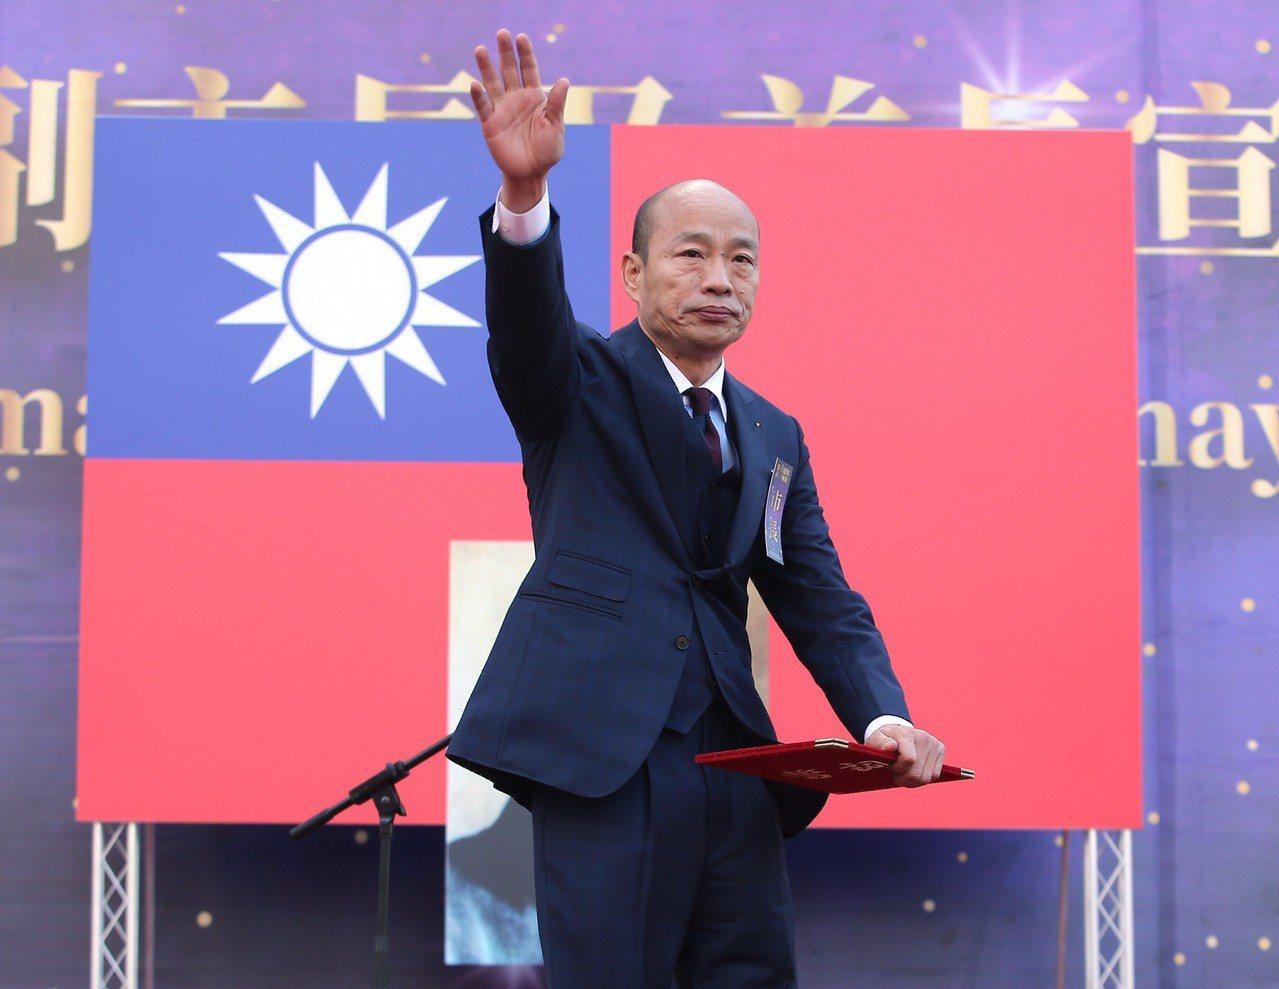 高雄市長韓國瑜將宣布,2020會有條件承擔。圖/聯合報系資料照